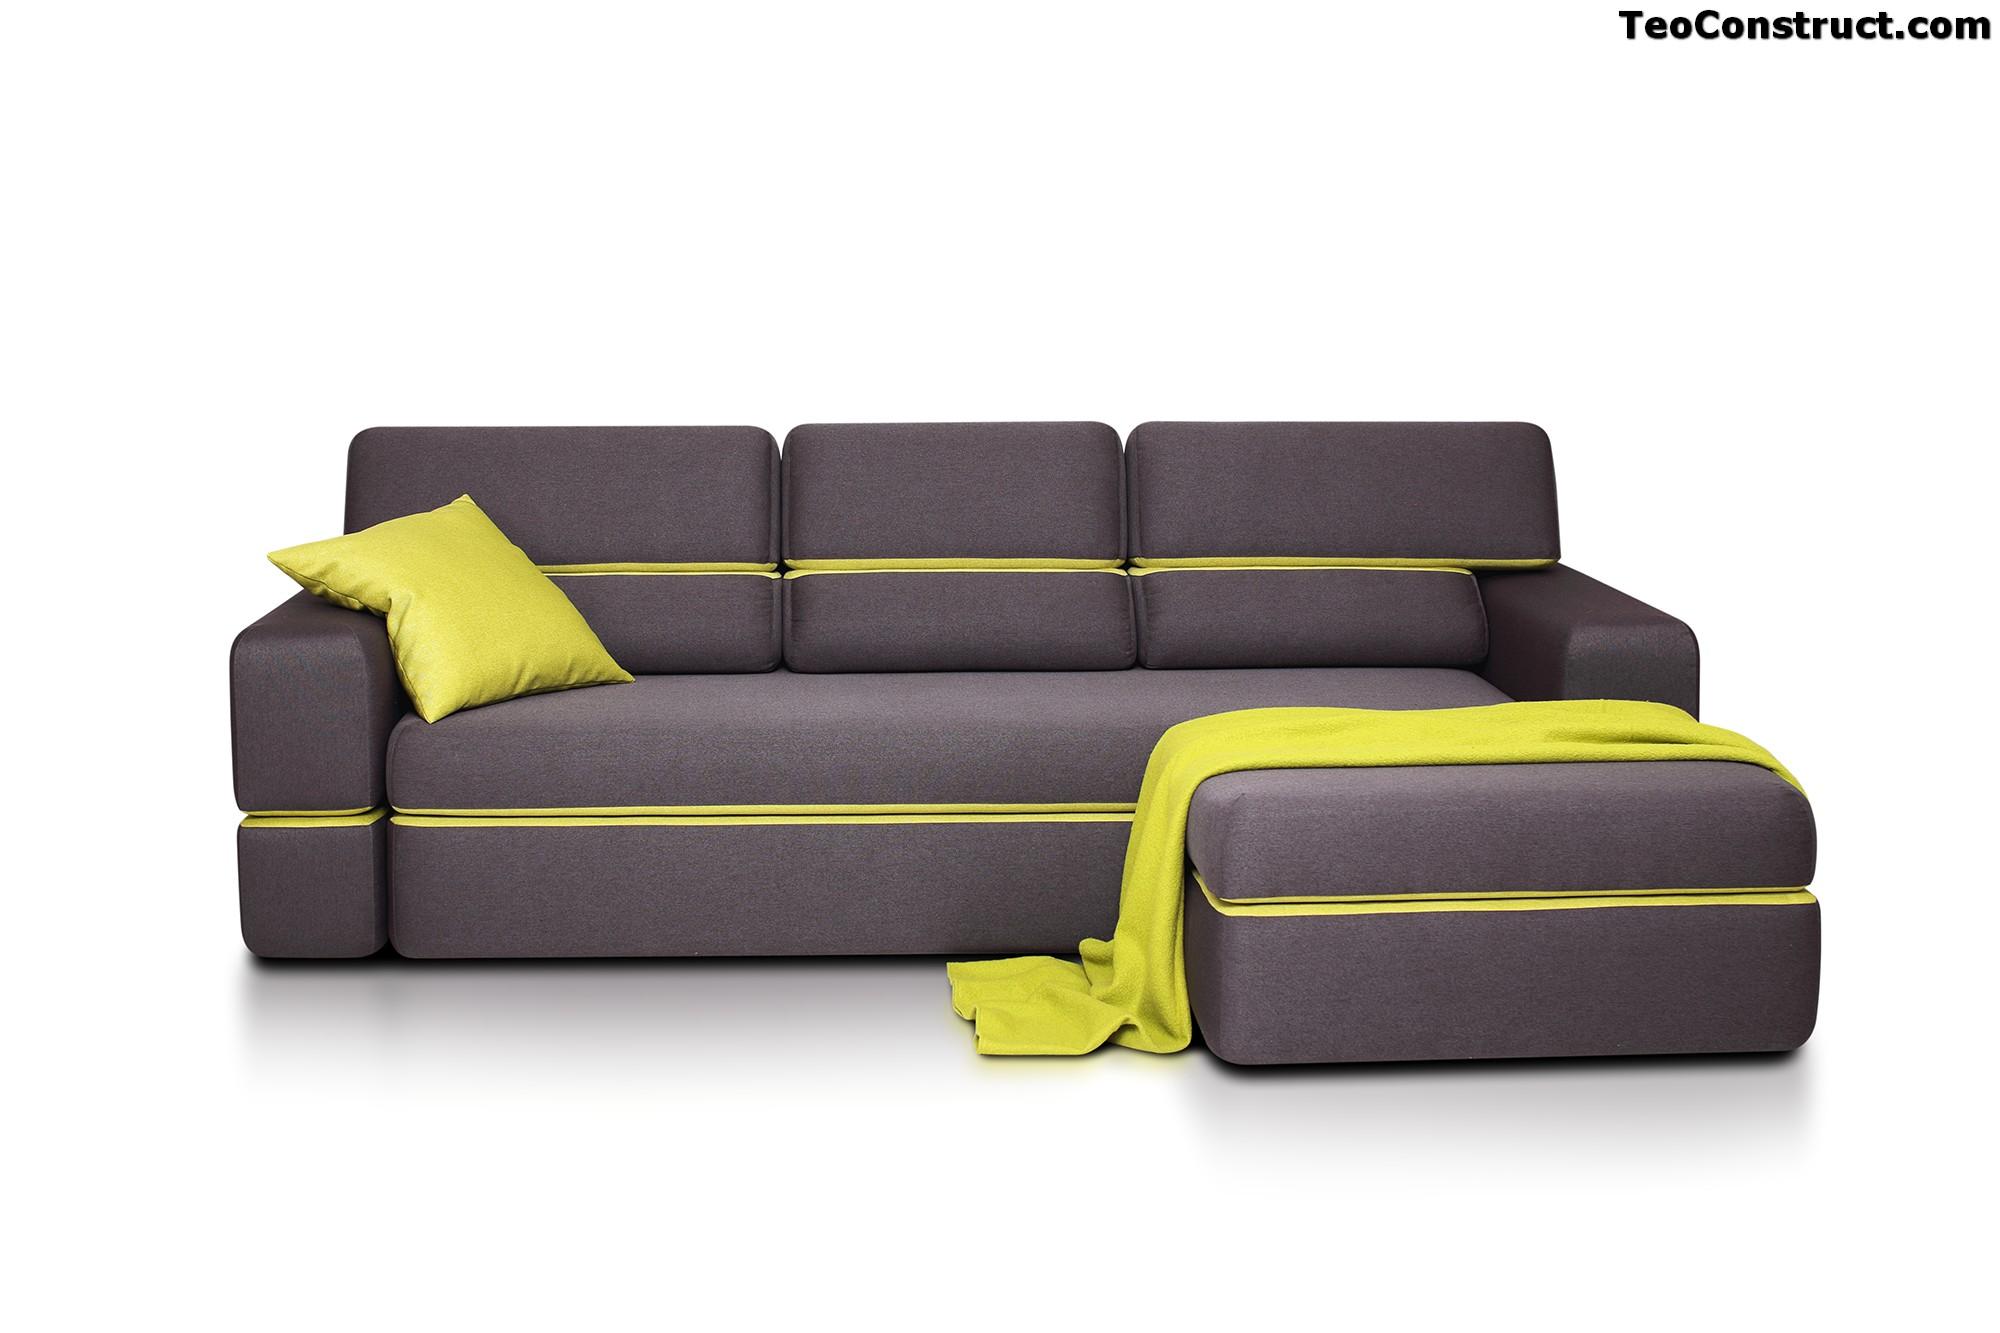 Canapea Open de calitate superioare01